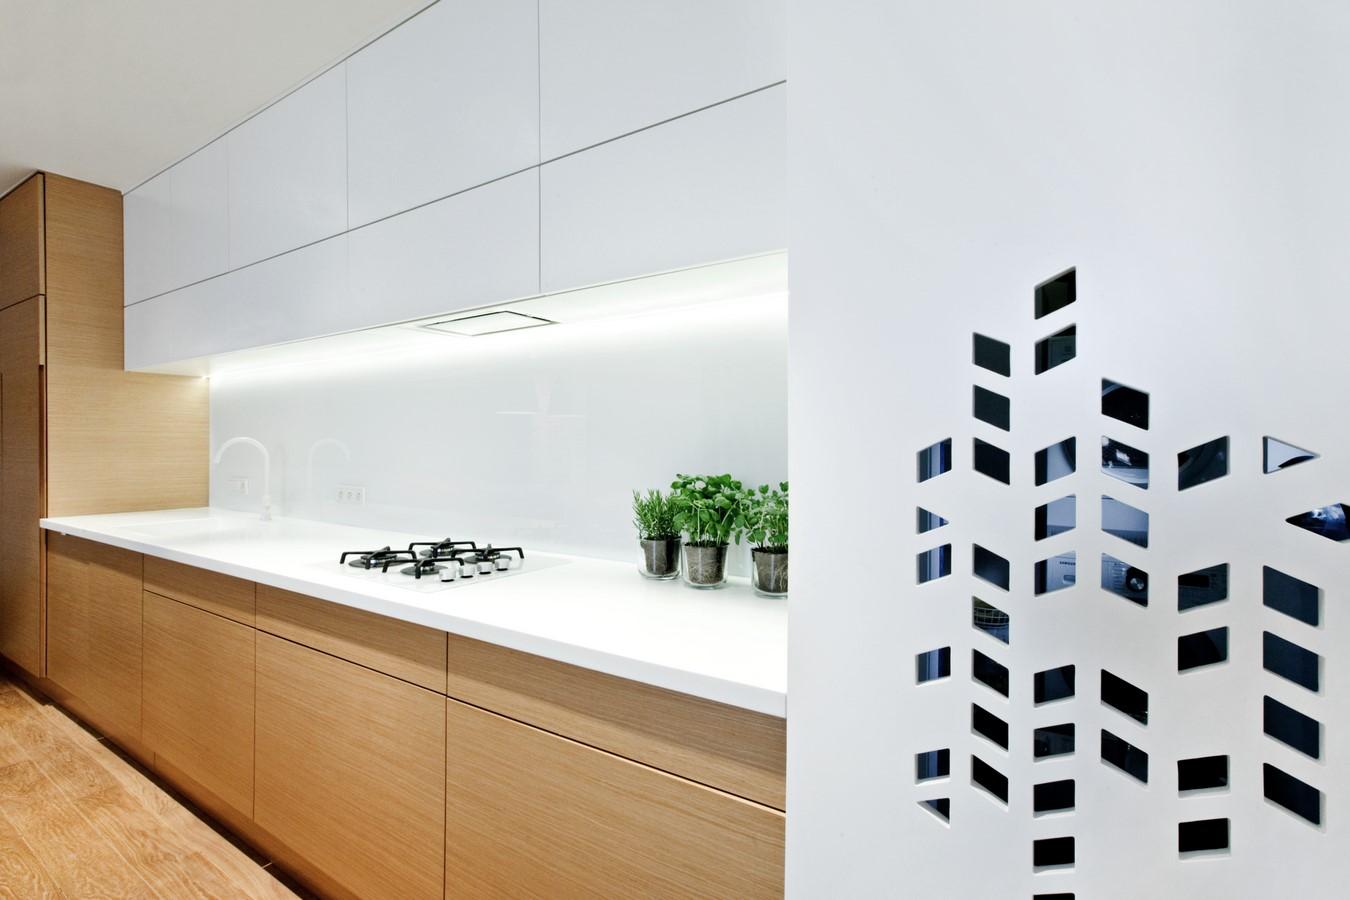 kuchnia, spacelab, projekt ażurowego wnętrza